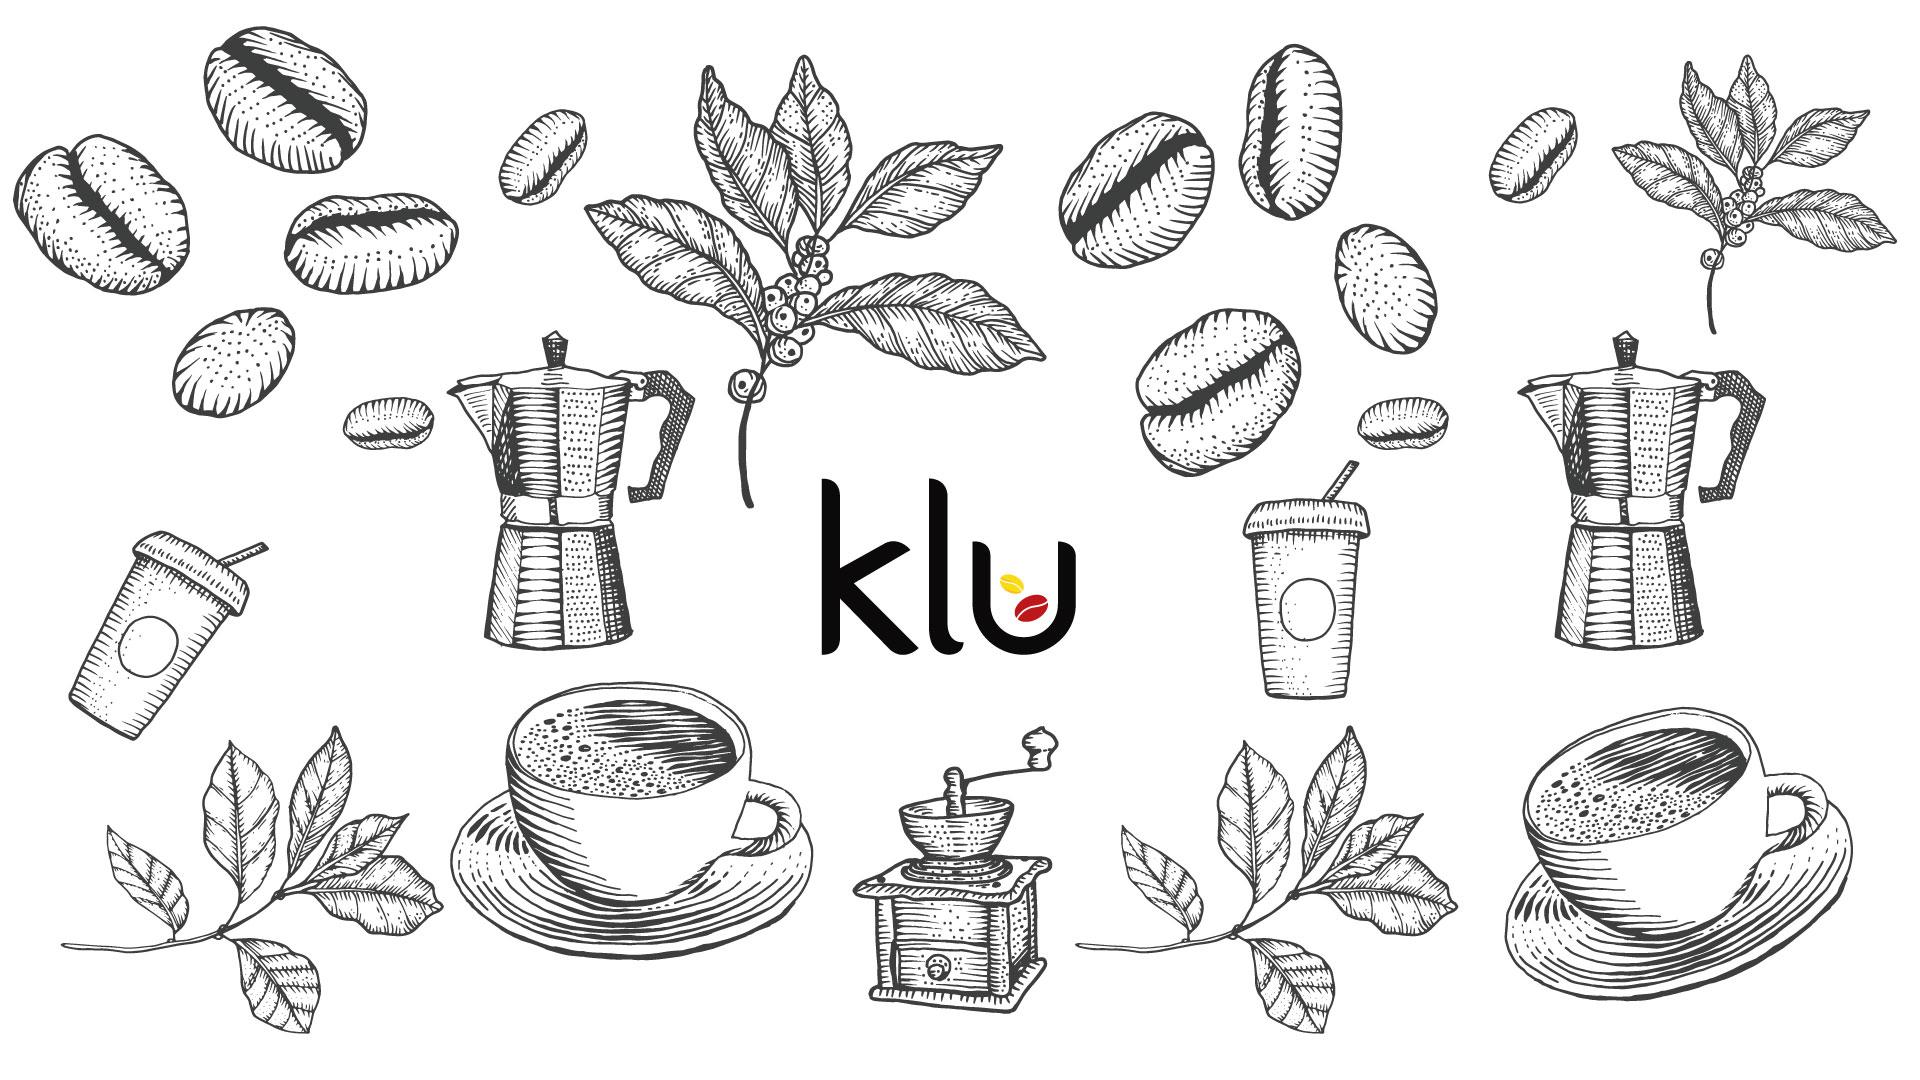 Klu Line Icons